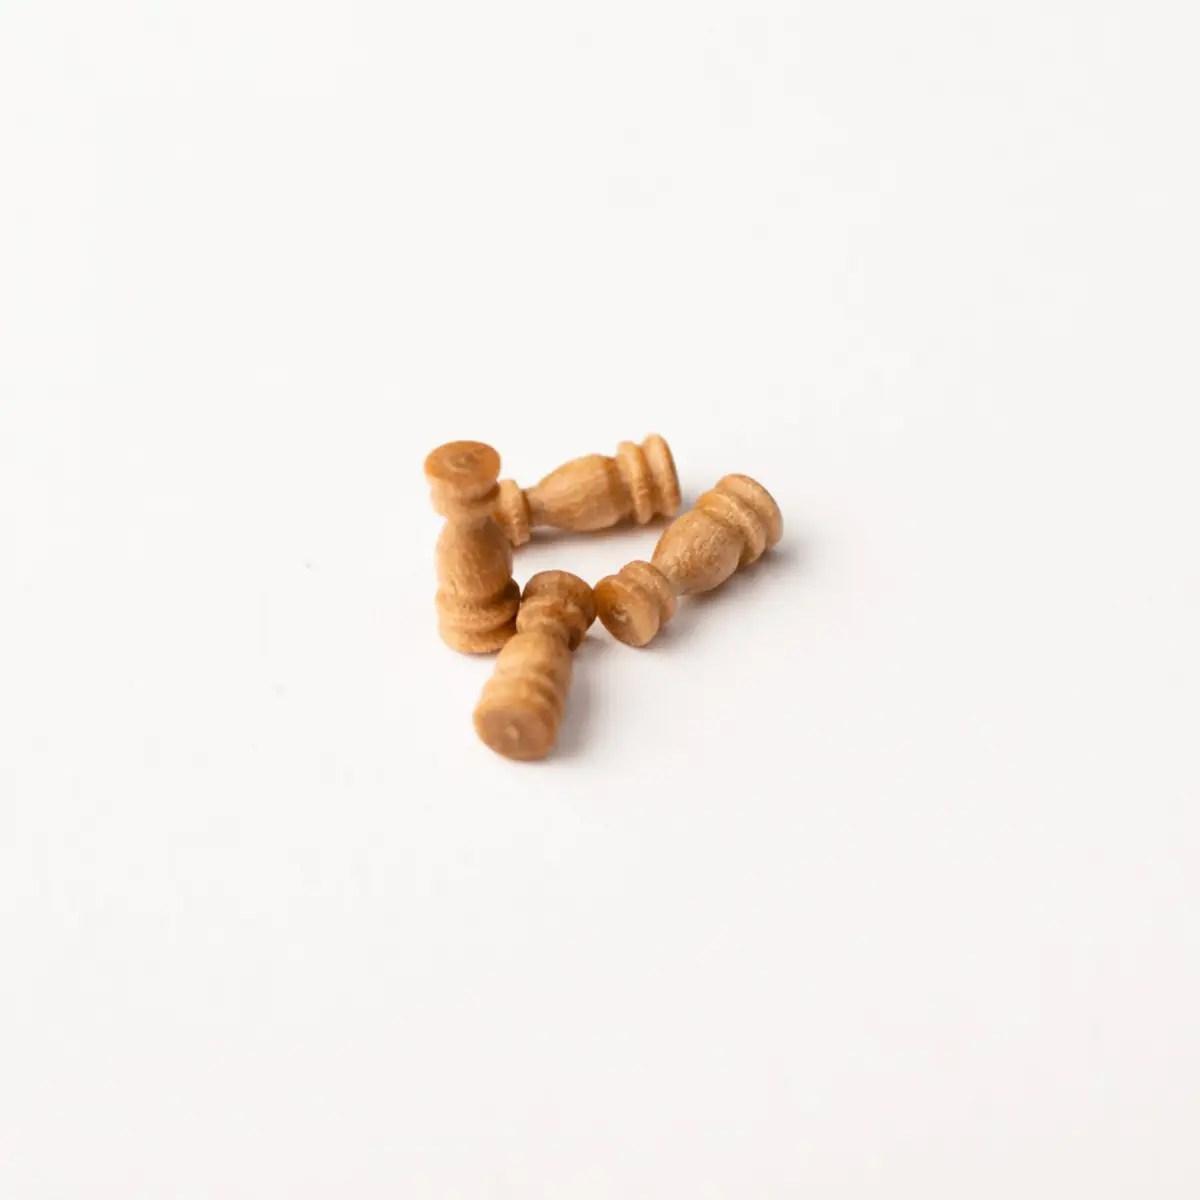 Korlát oszlop 6 mm 10 darab Kiegészítők